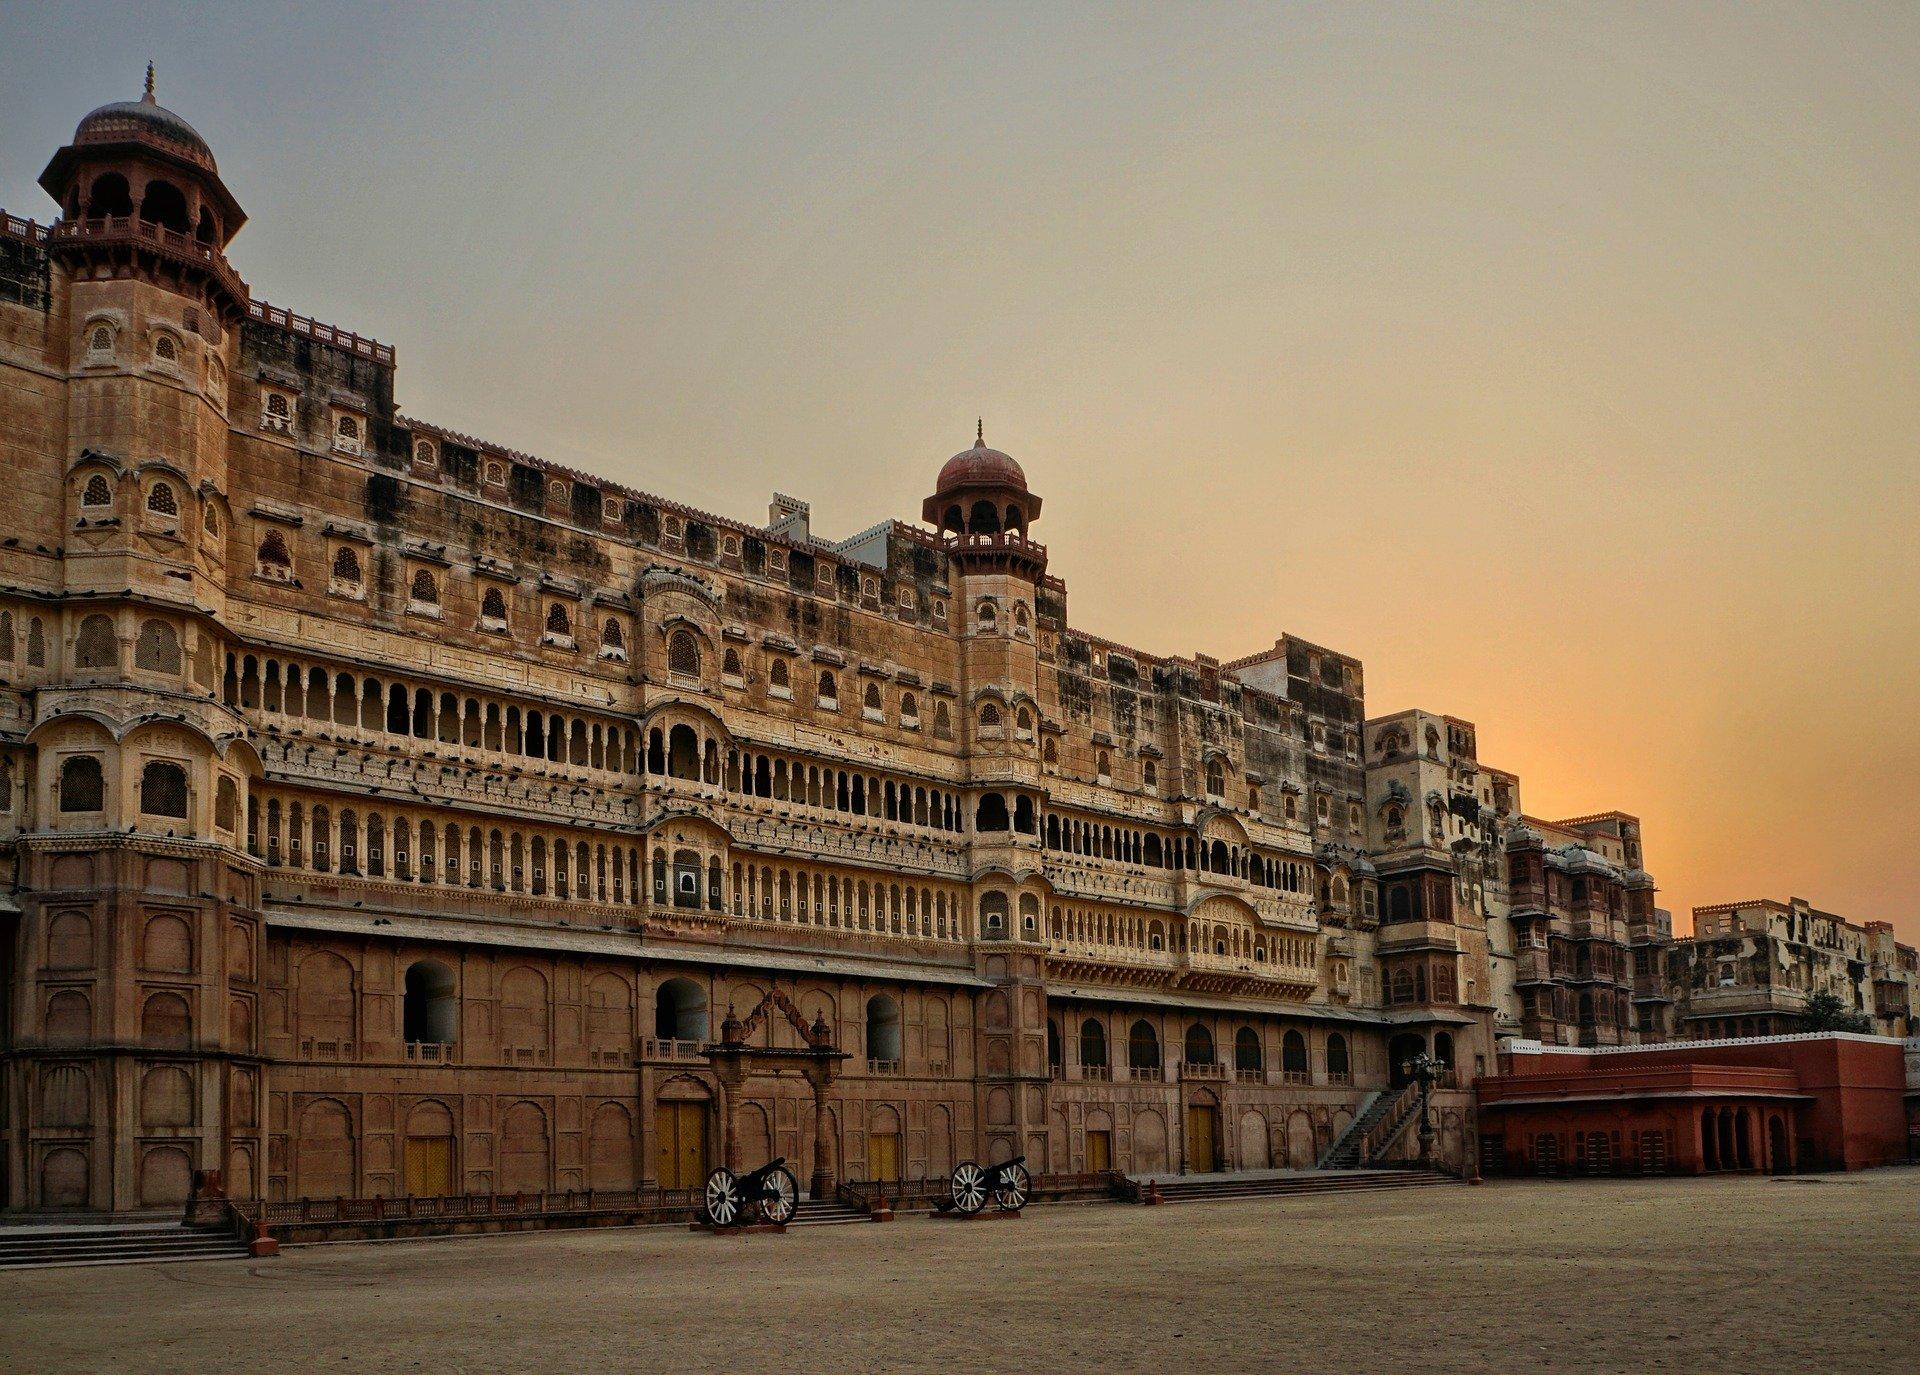 junagarh-fort-bikaner-rajasthan